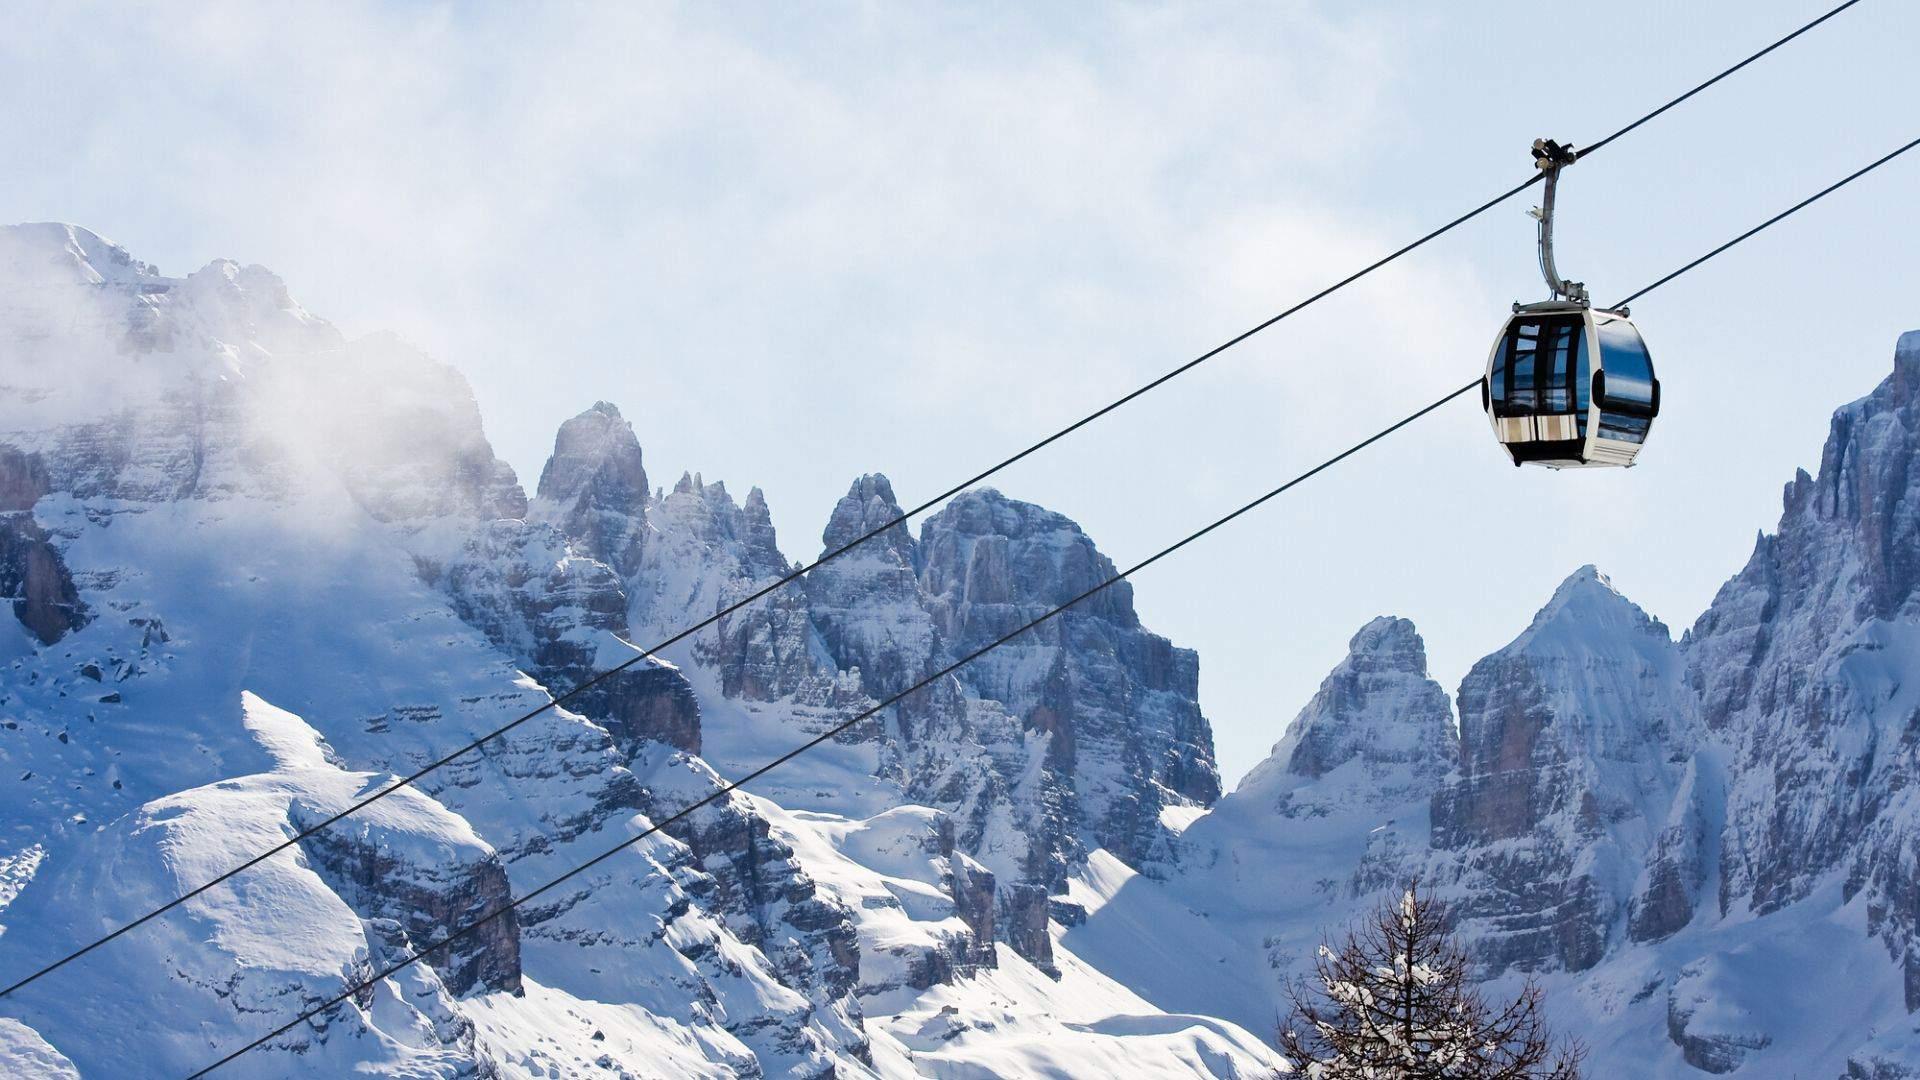 Kelionės metu galėsite keltuvu persikelti į kitą slidinėjimo miestelį